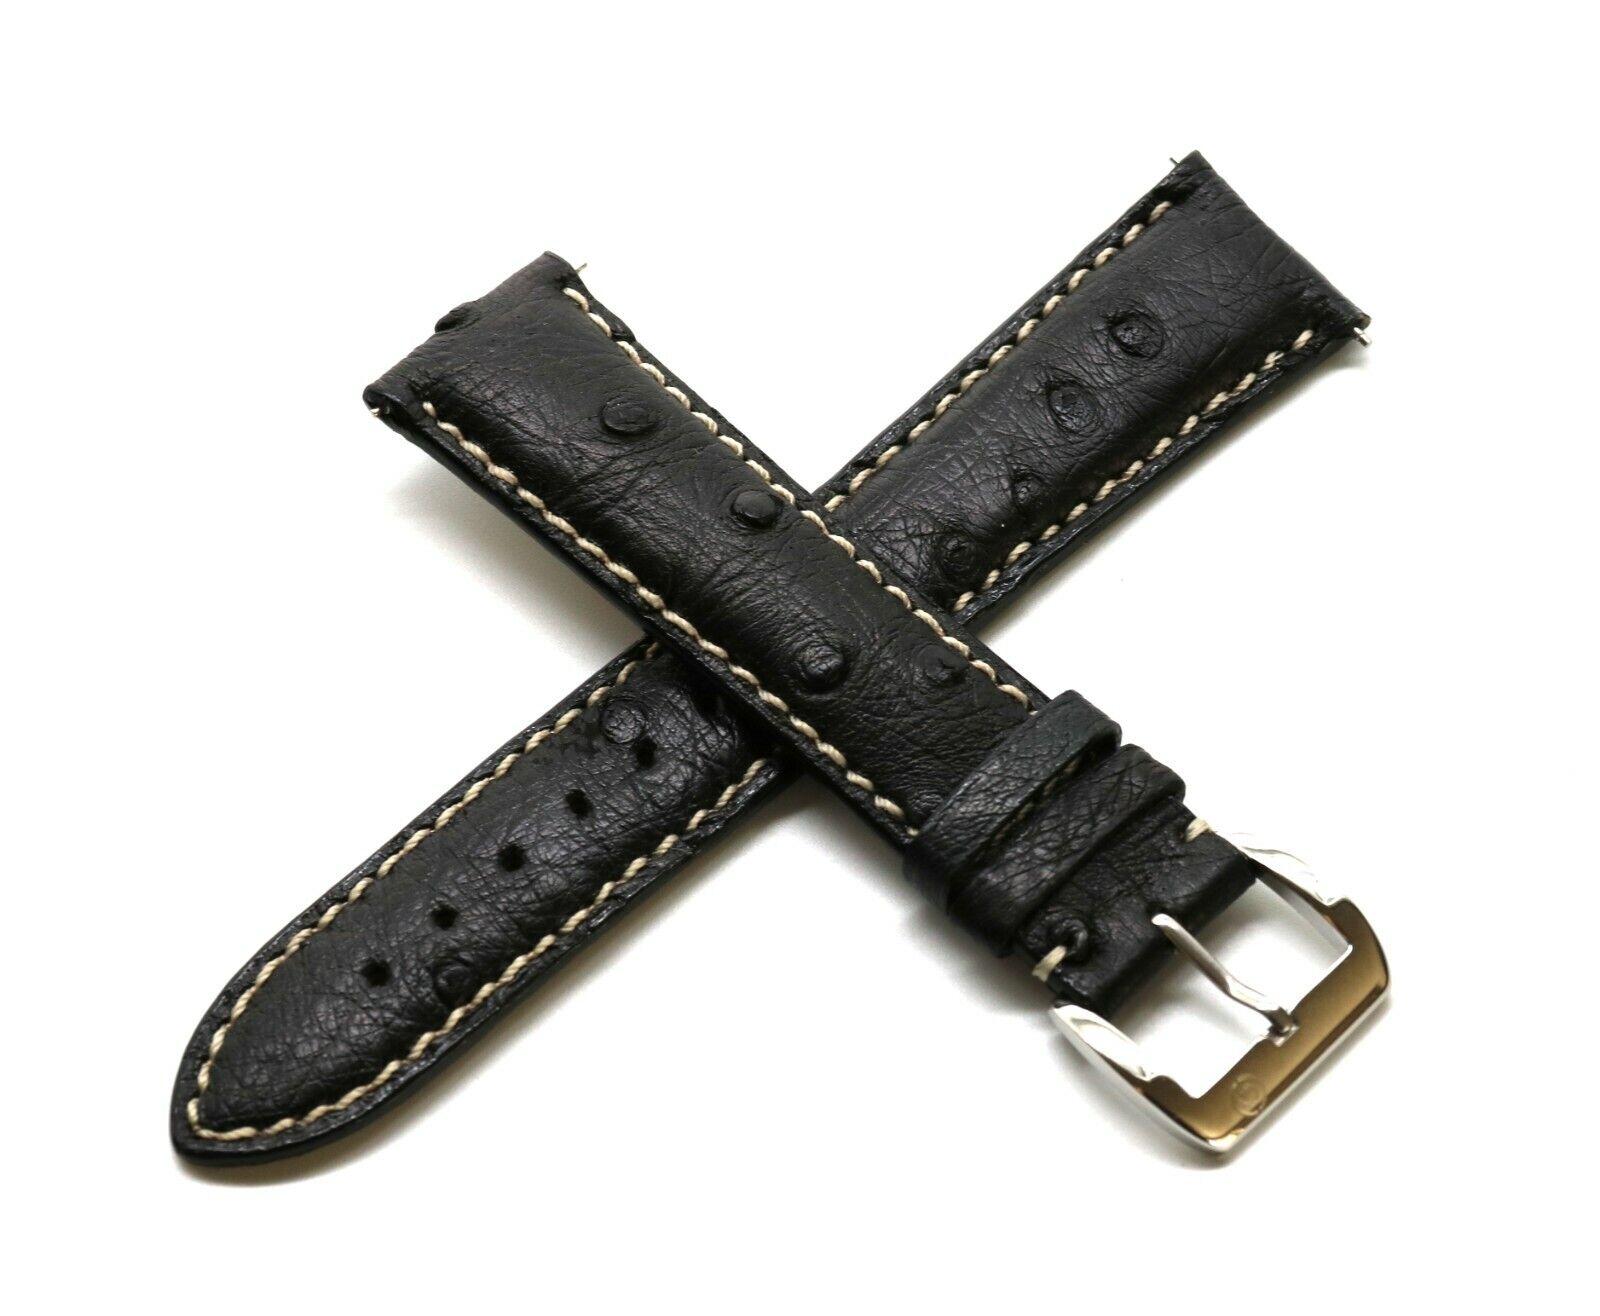 Rotary 21 mm Echte Straußenleder Uhrenarmband Schwarz helle Naht Edelstahl Verschluss